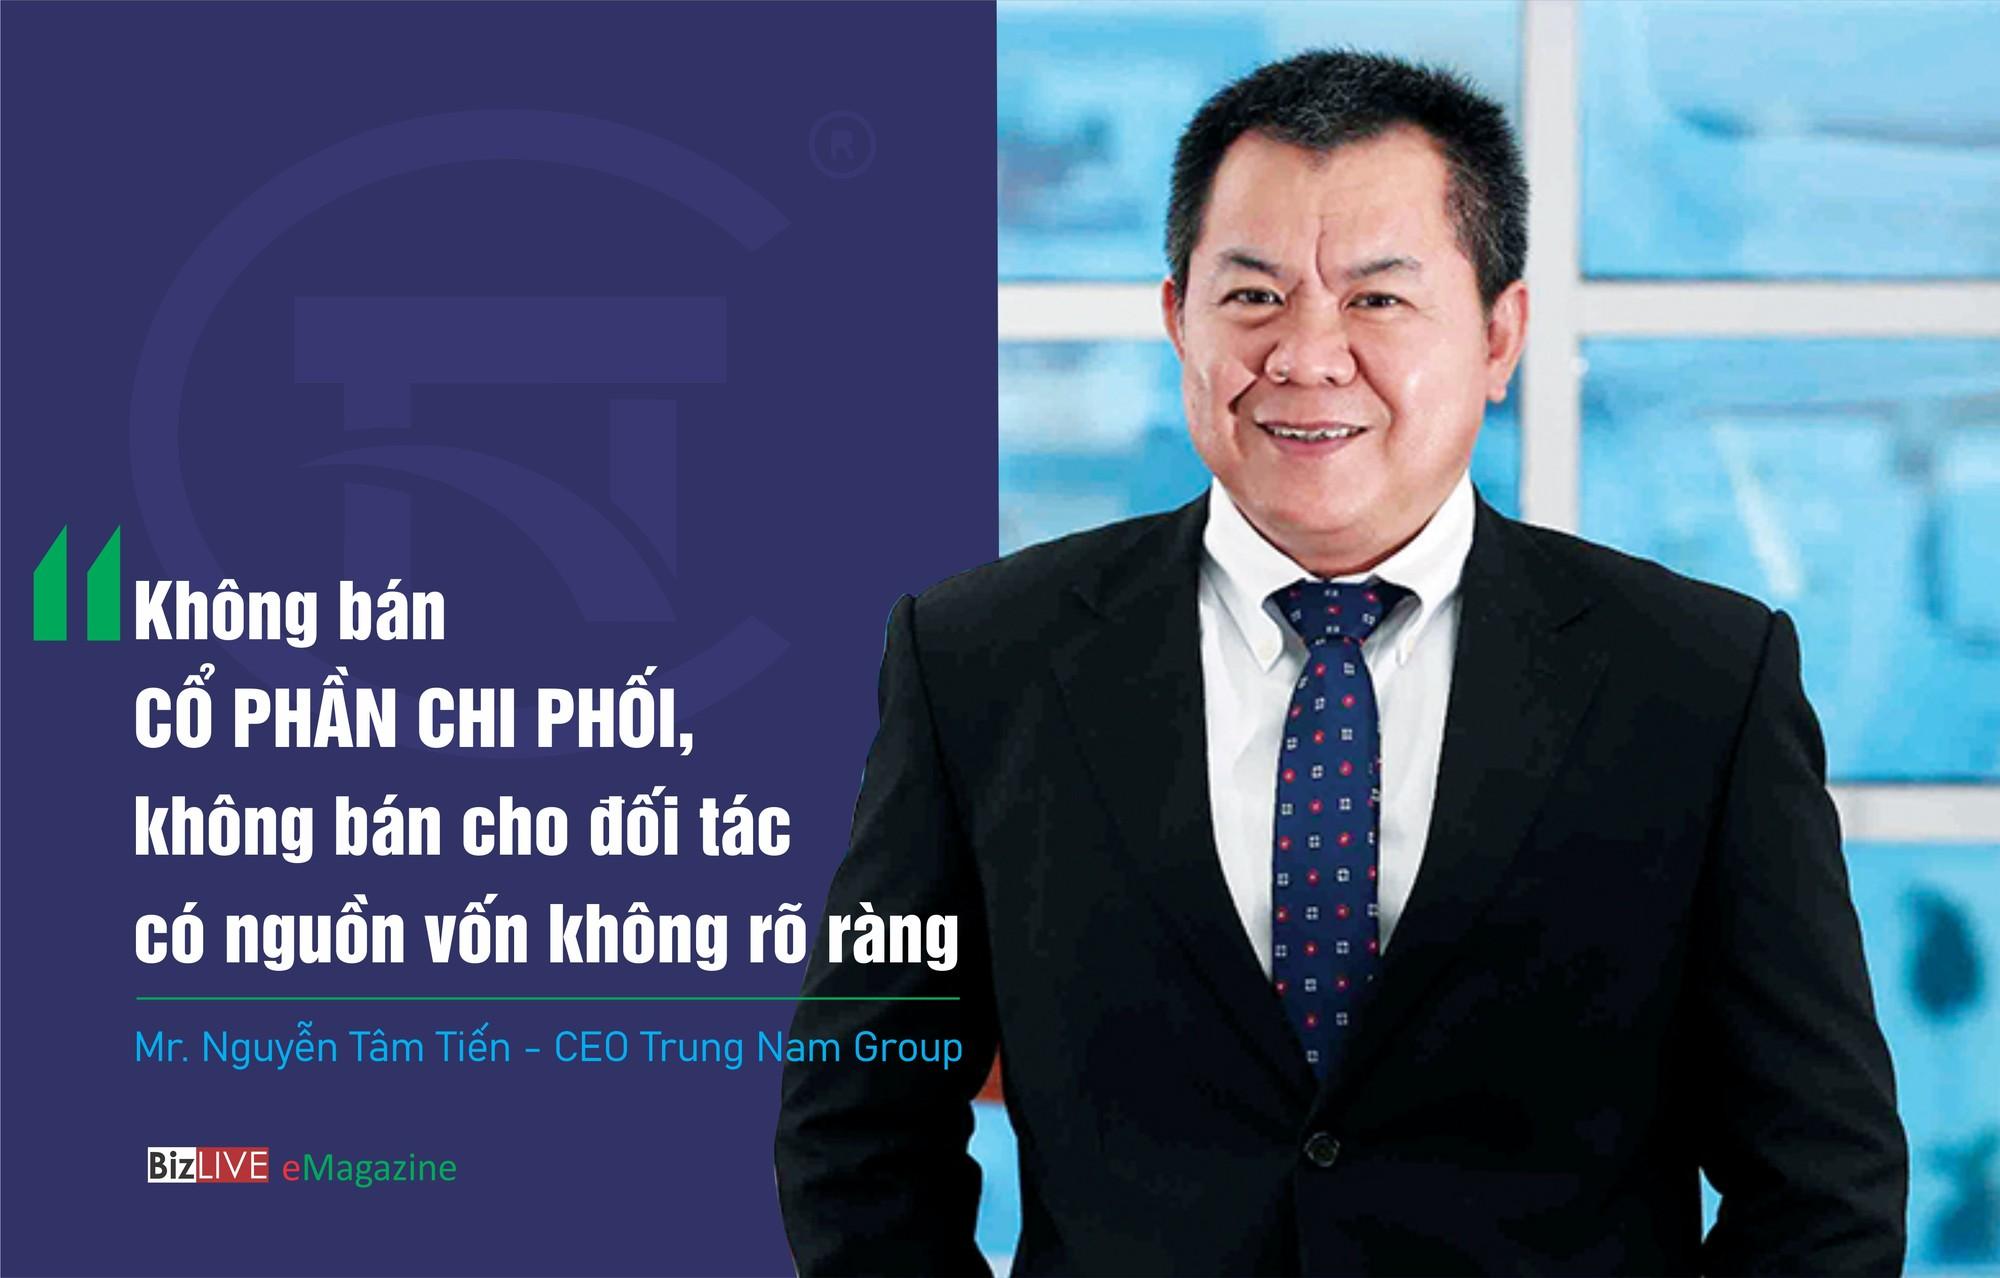 """CEO Trung Nam Group: """"Không bán cổ phần chi phối, không bán cho đối tác có nguồn vốn không rõ ràng"""""""